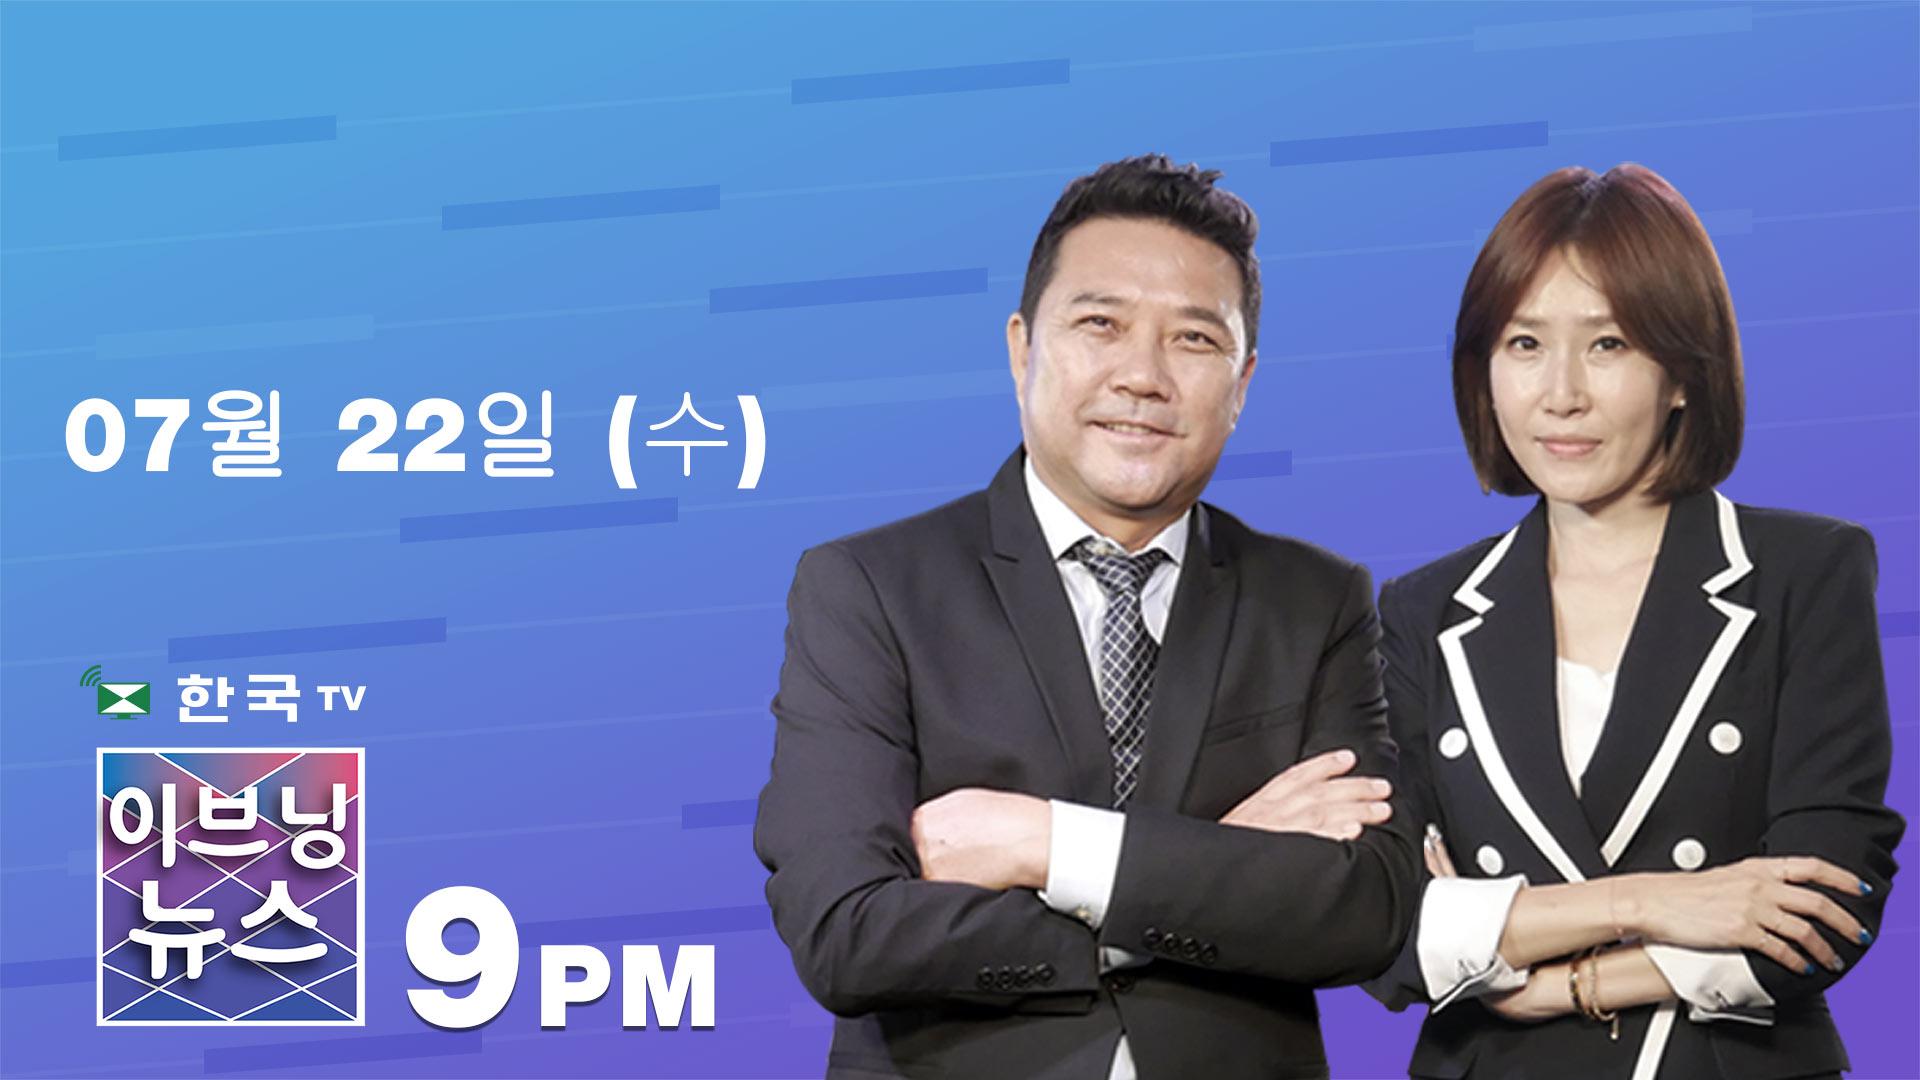 (07.22.2020) 한국TV 이브닝 뉴스